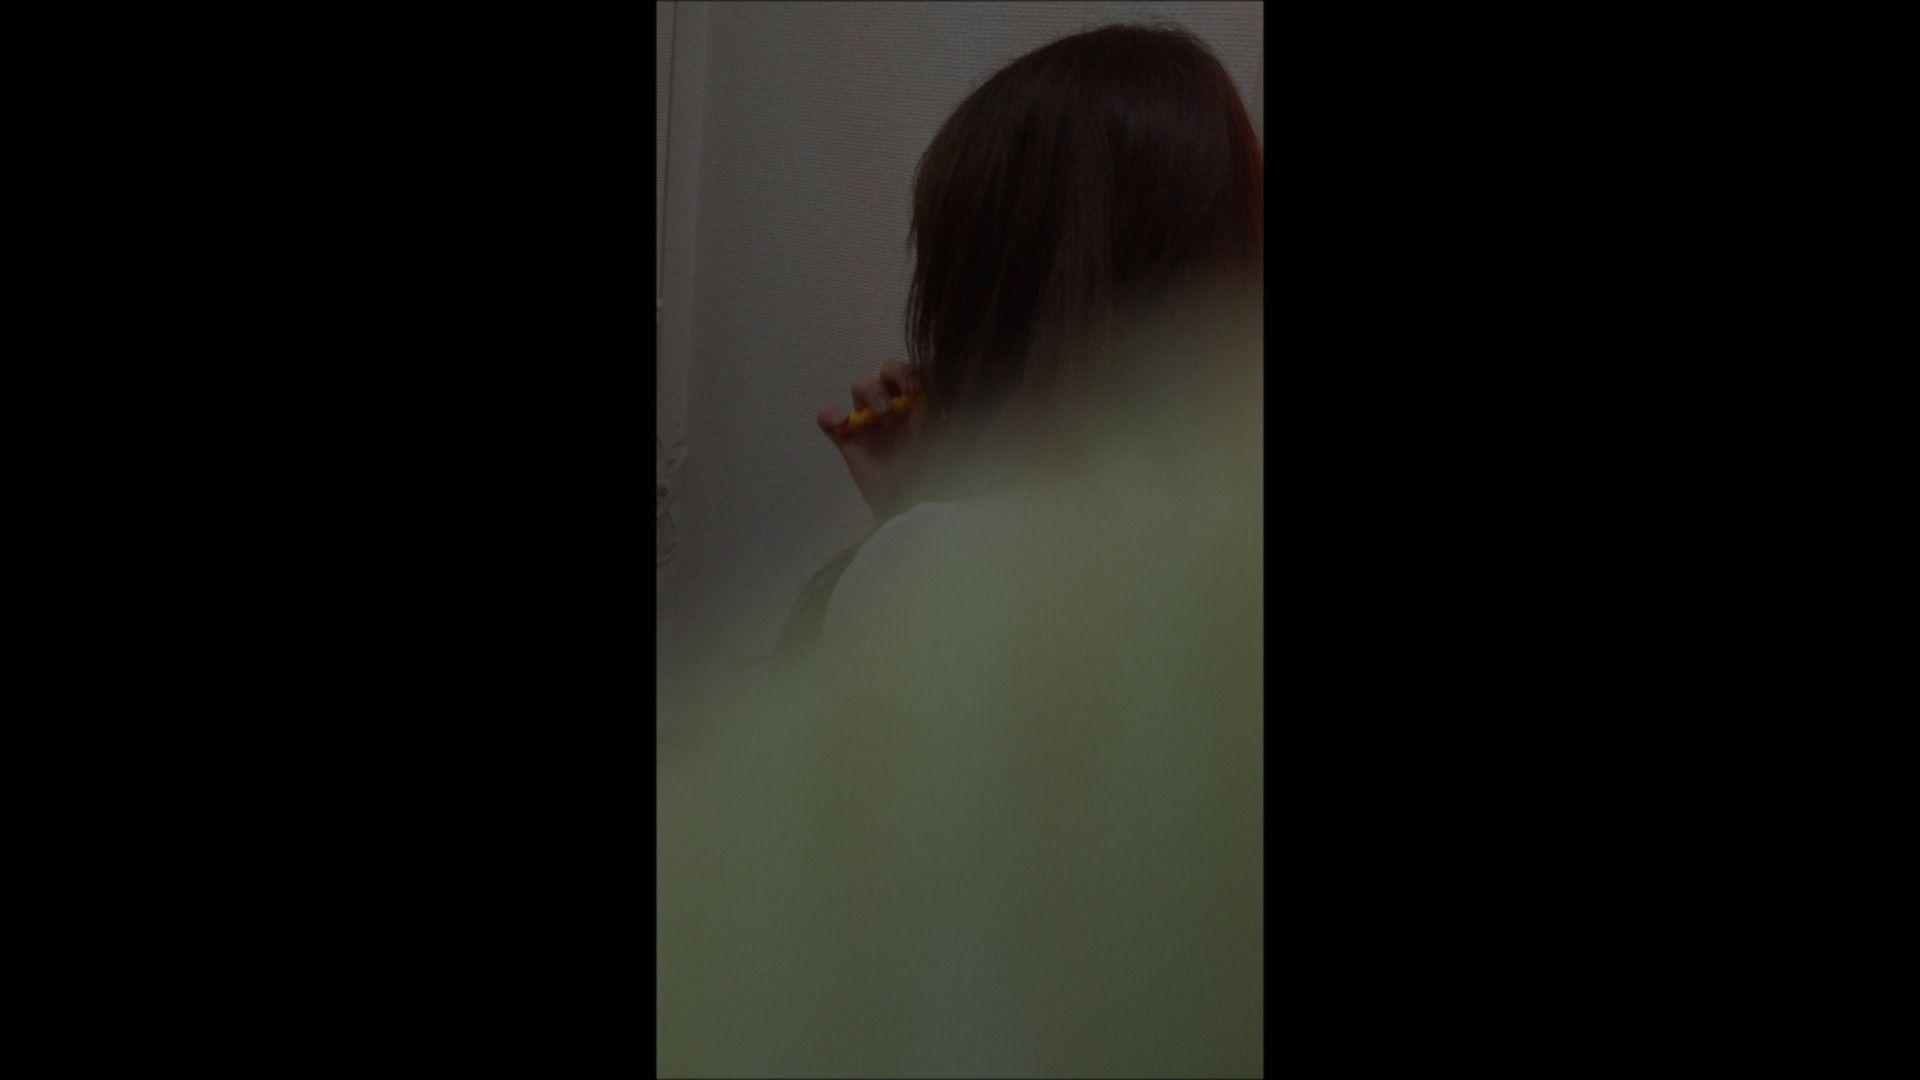 08(8日目)メイク中の彼女の顔を撮りました! いやらしいOL  51連発 40